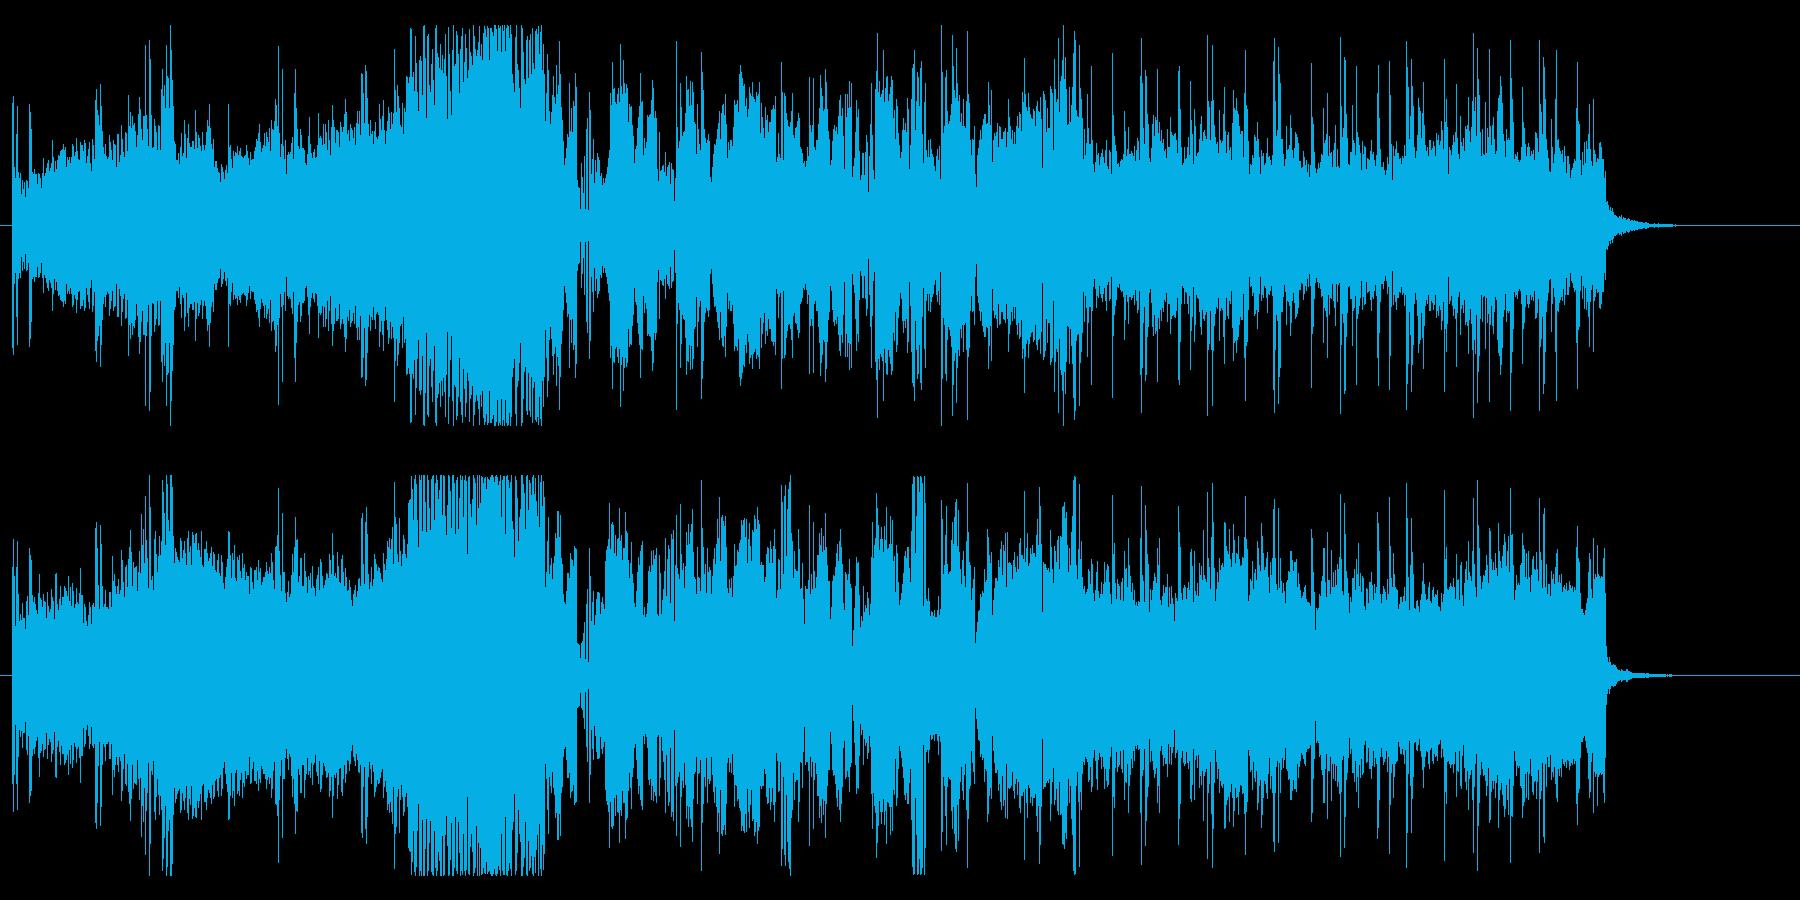 自動車のCMをイメージしたbgmの再生済みの波形